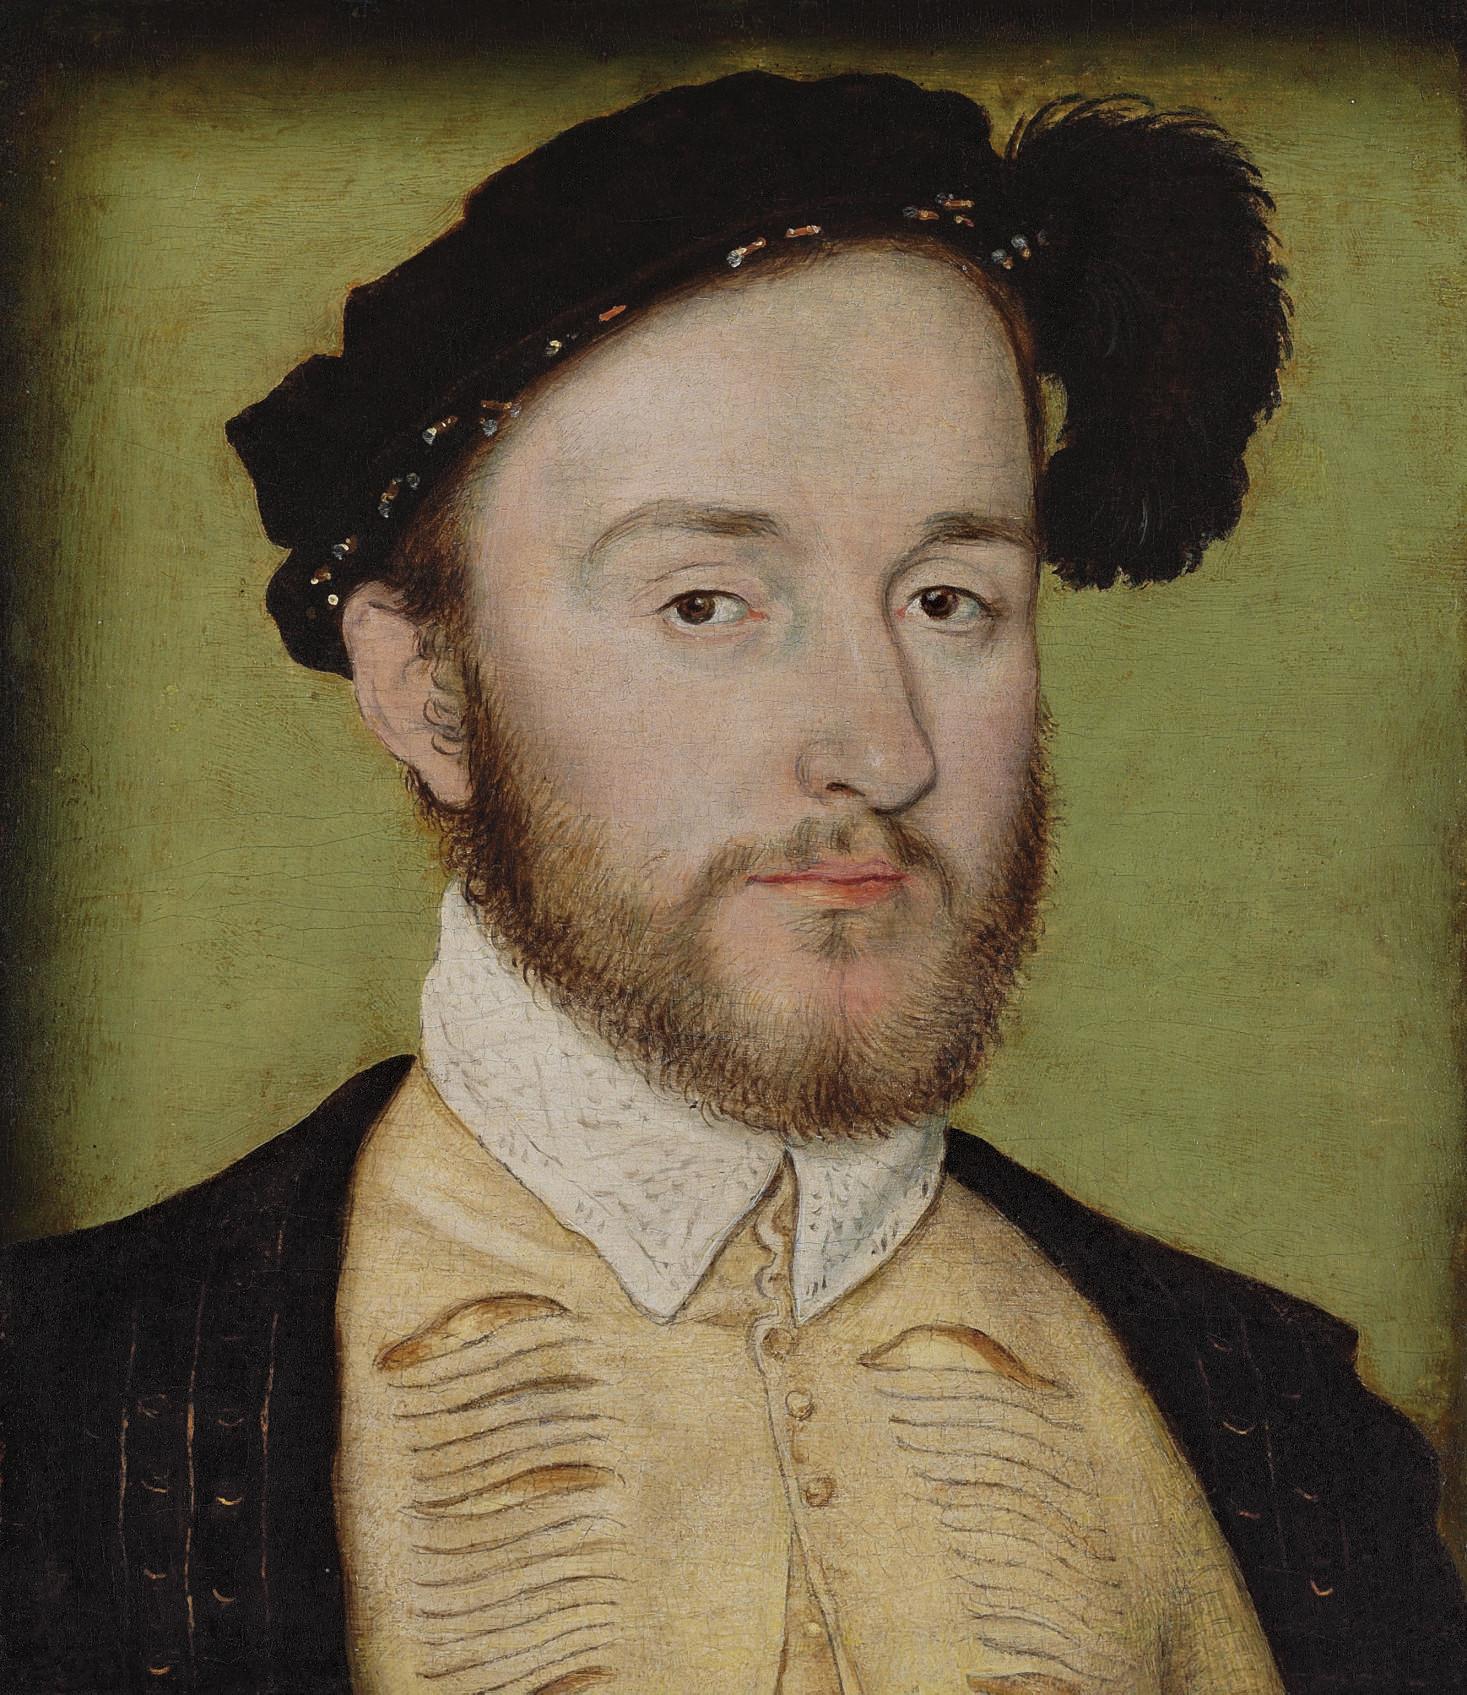 Corneille de La Haye, called C